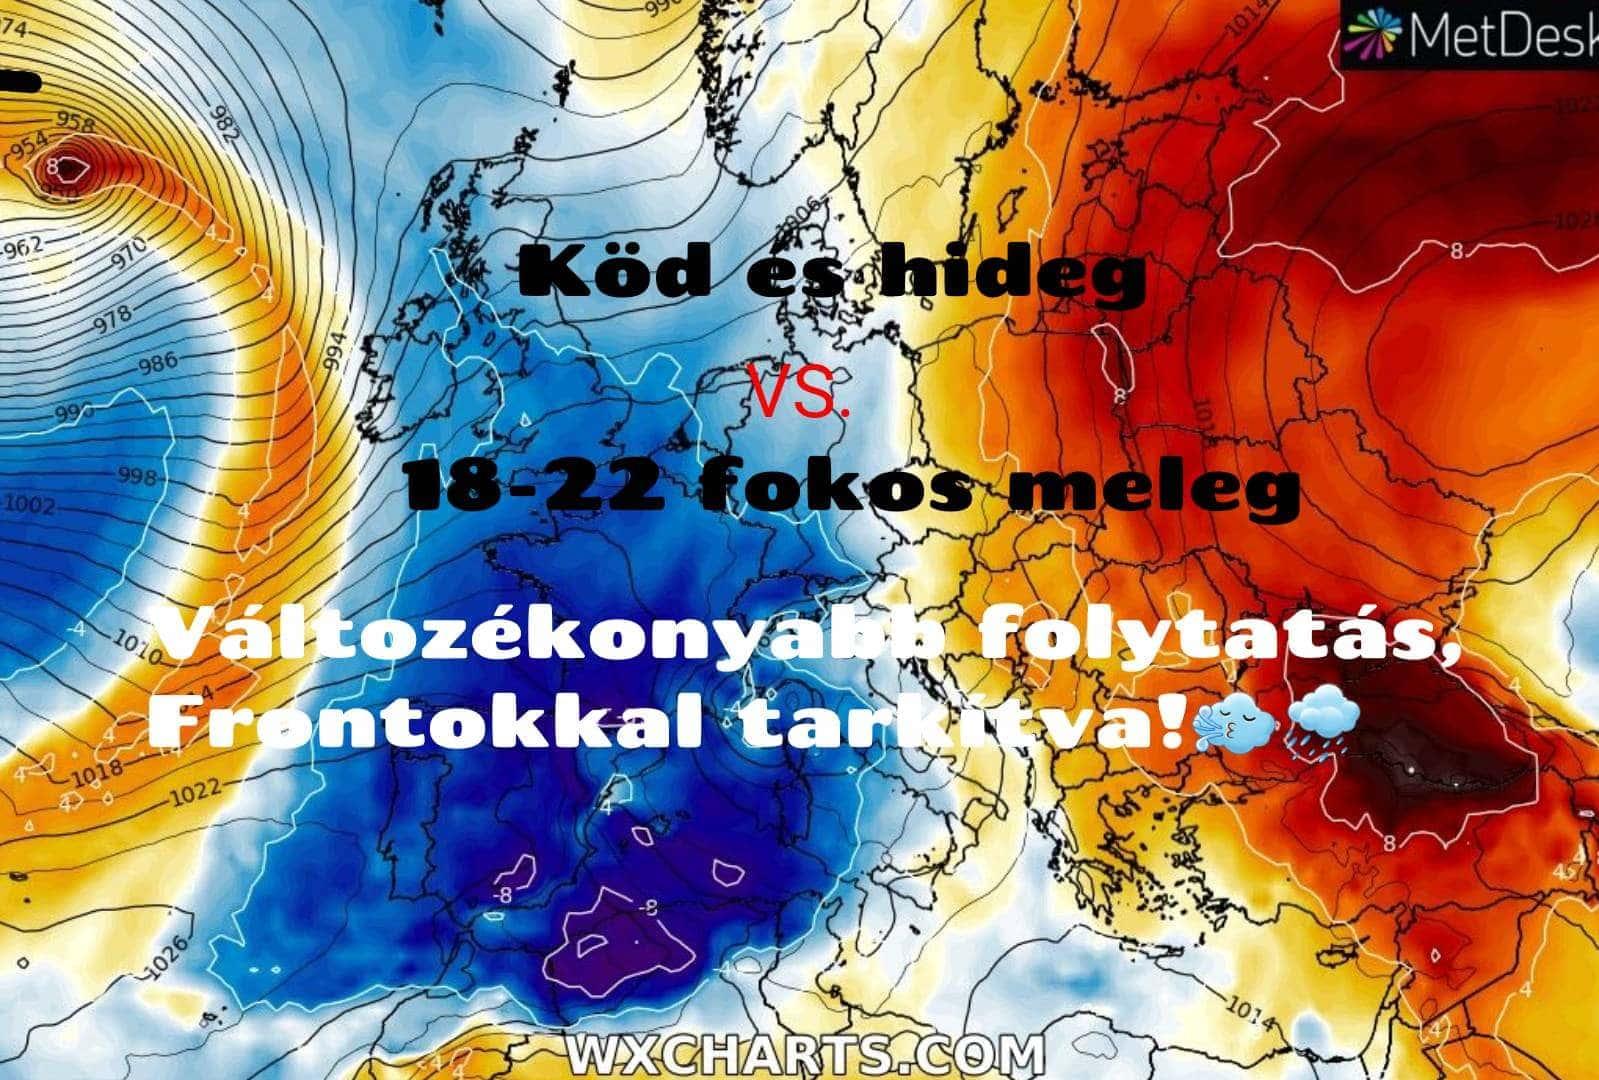 Hétvégéig kettősség, ködös hűvös, kontra meleg, 20-22 fok, majd frontok és csapadék érkezhet! (Animációs időjárás előrejelzés) 9